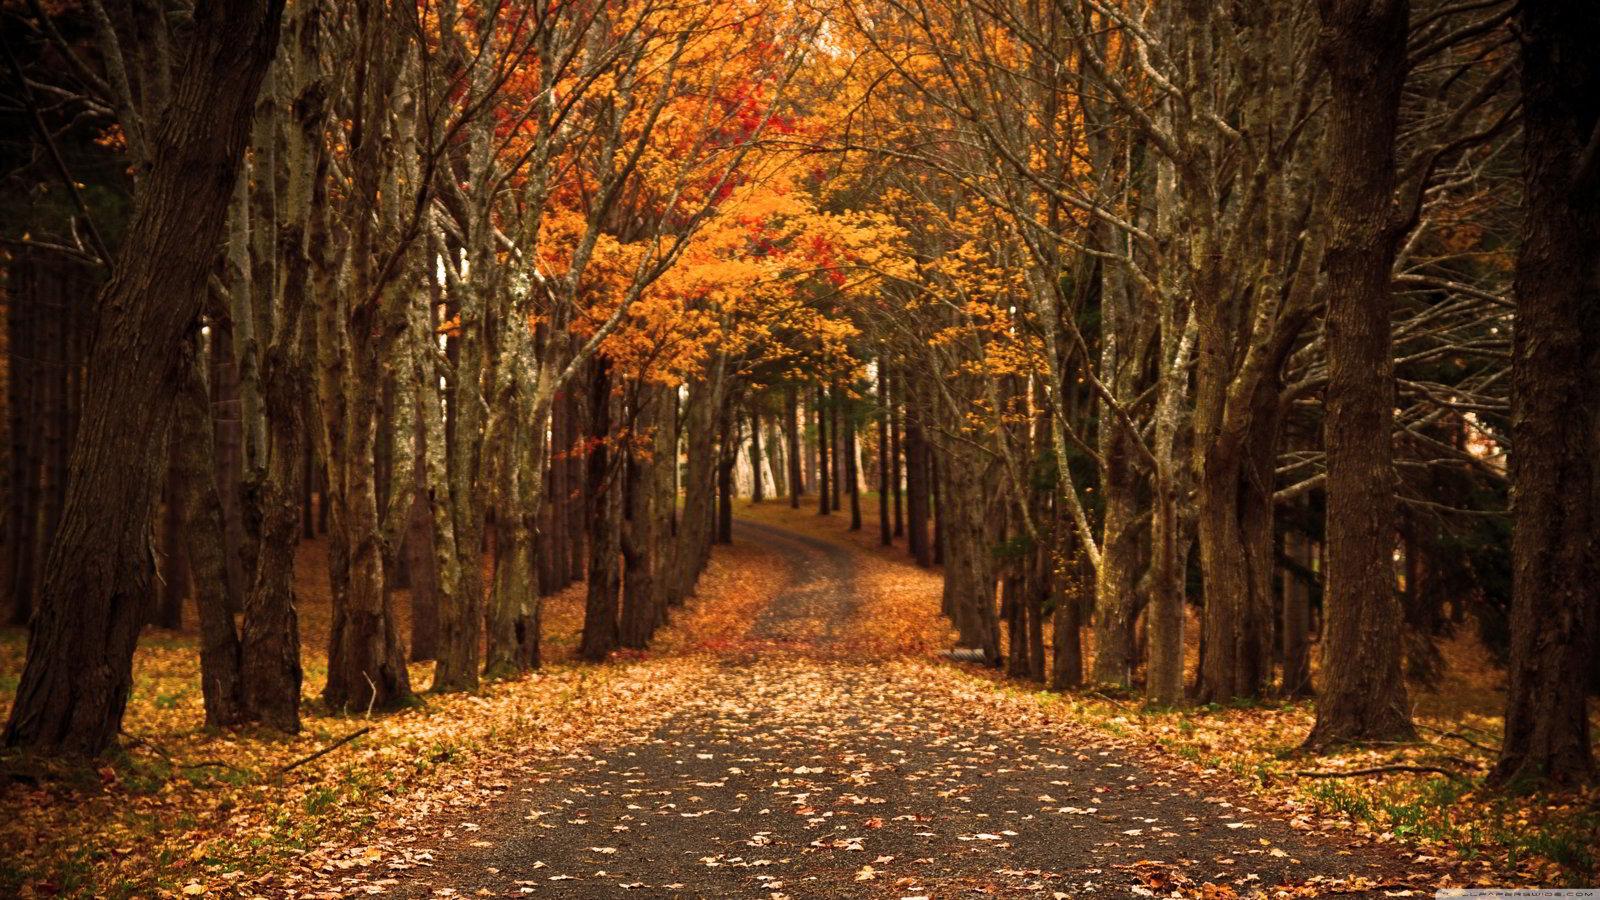 tải hình nền mùa thu